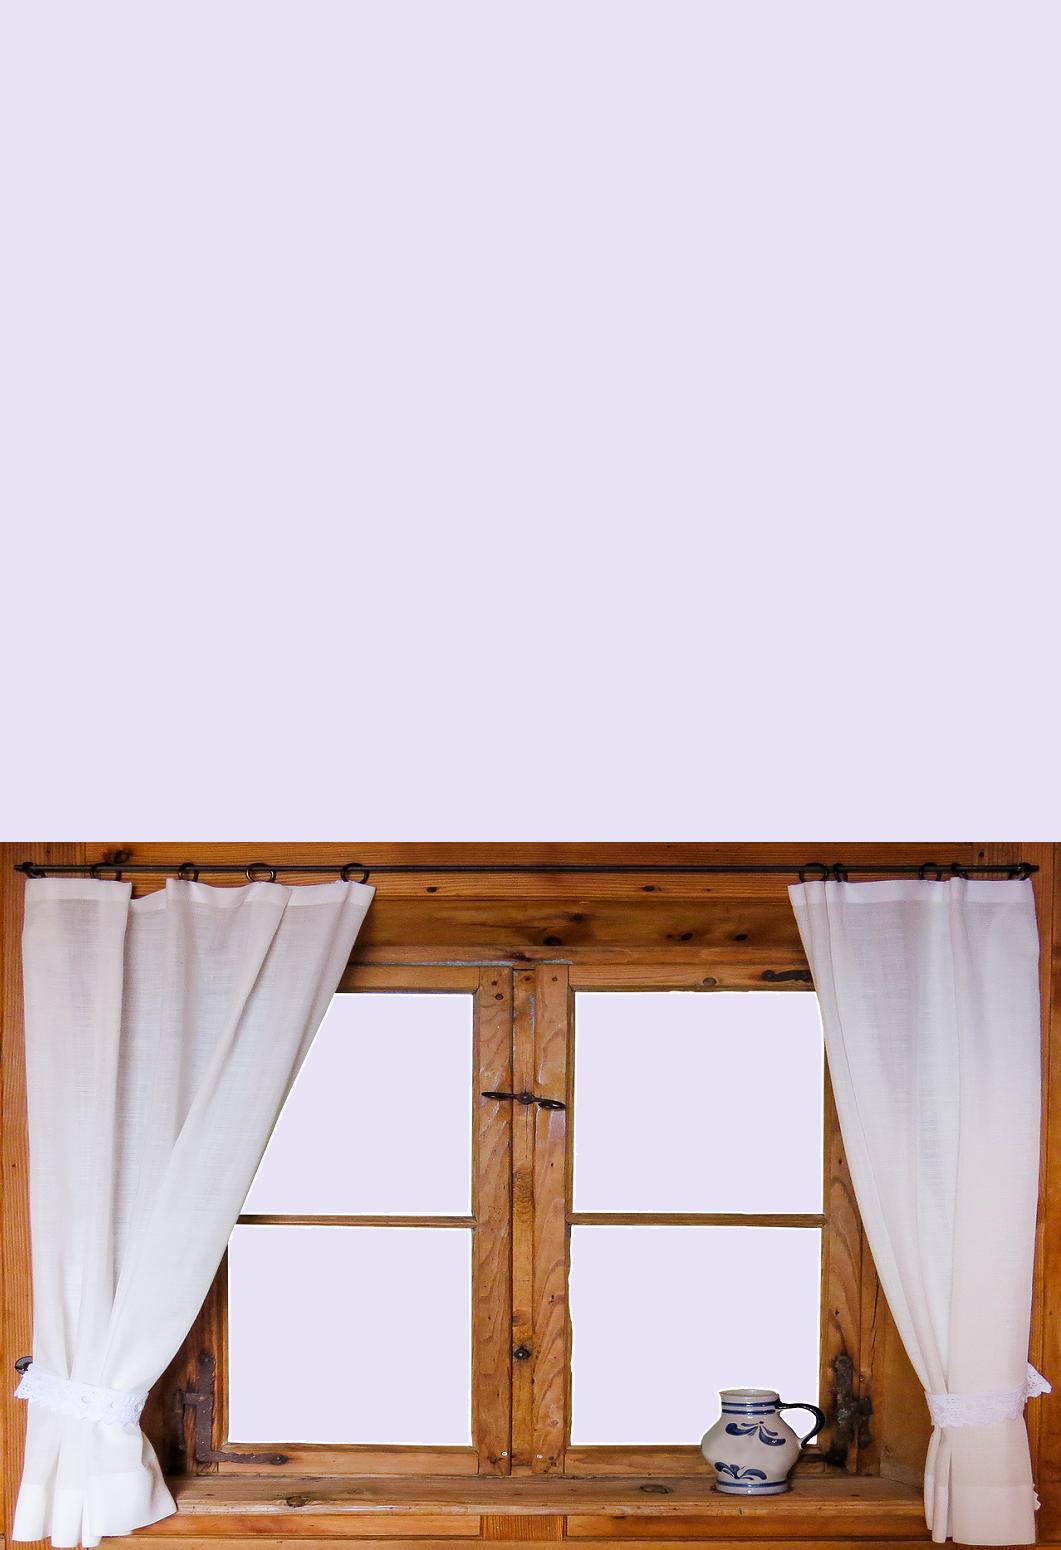 Fenster putzen vorlage ohne text 2 - Fenster putzen essigreiniger ...